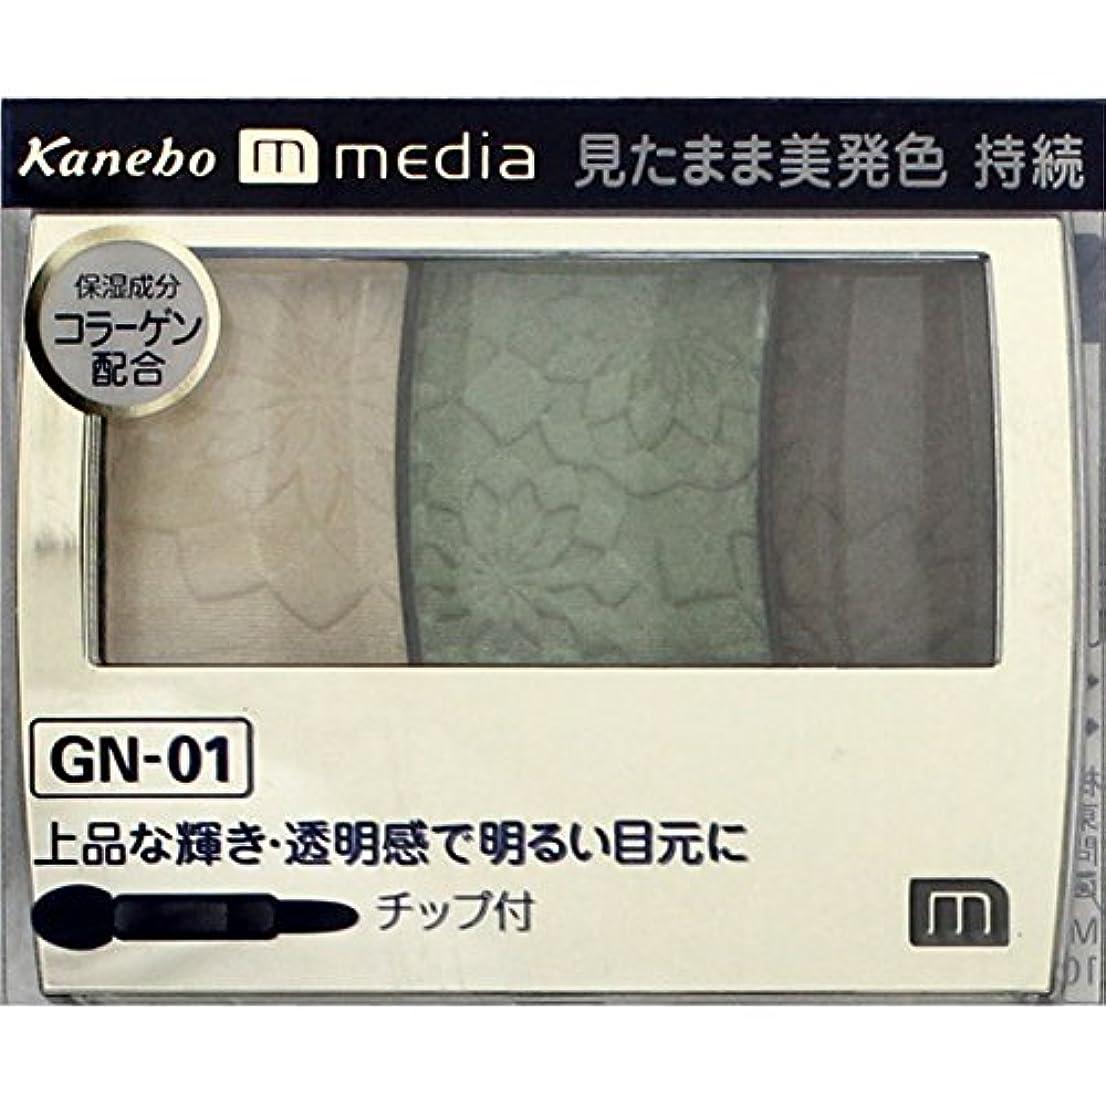 ターゲット確認プライム【カネボウ】 メディア グラデカラーアイシャドウ GN-01